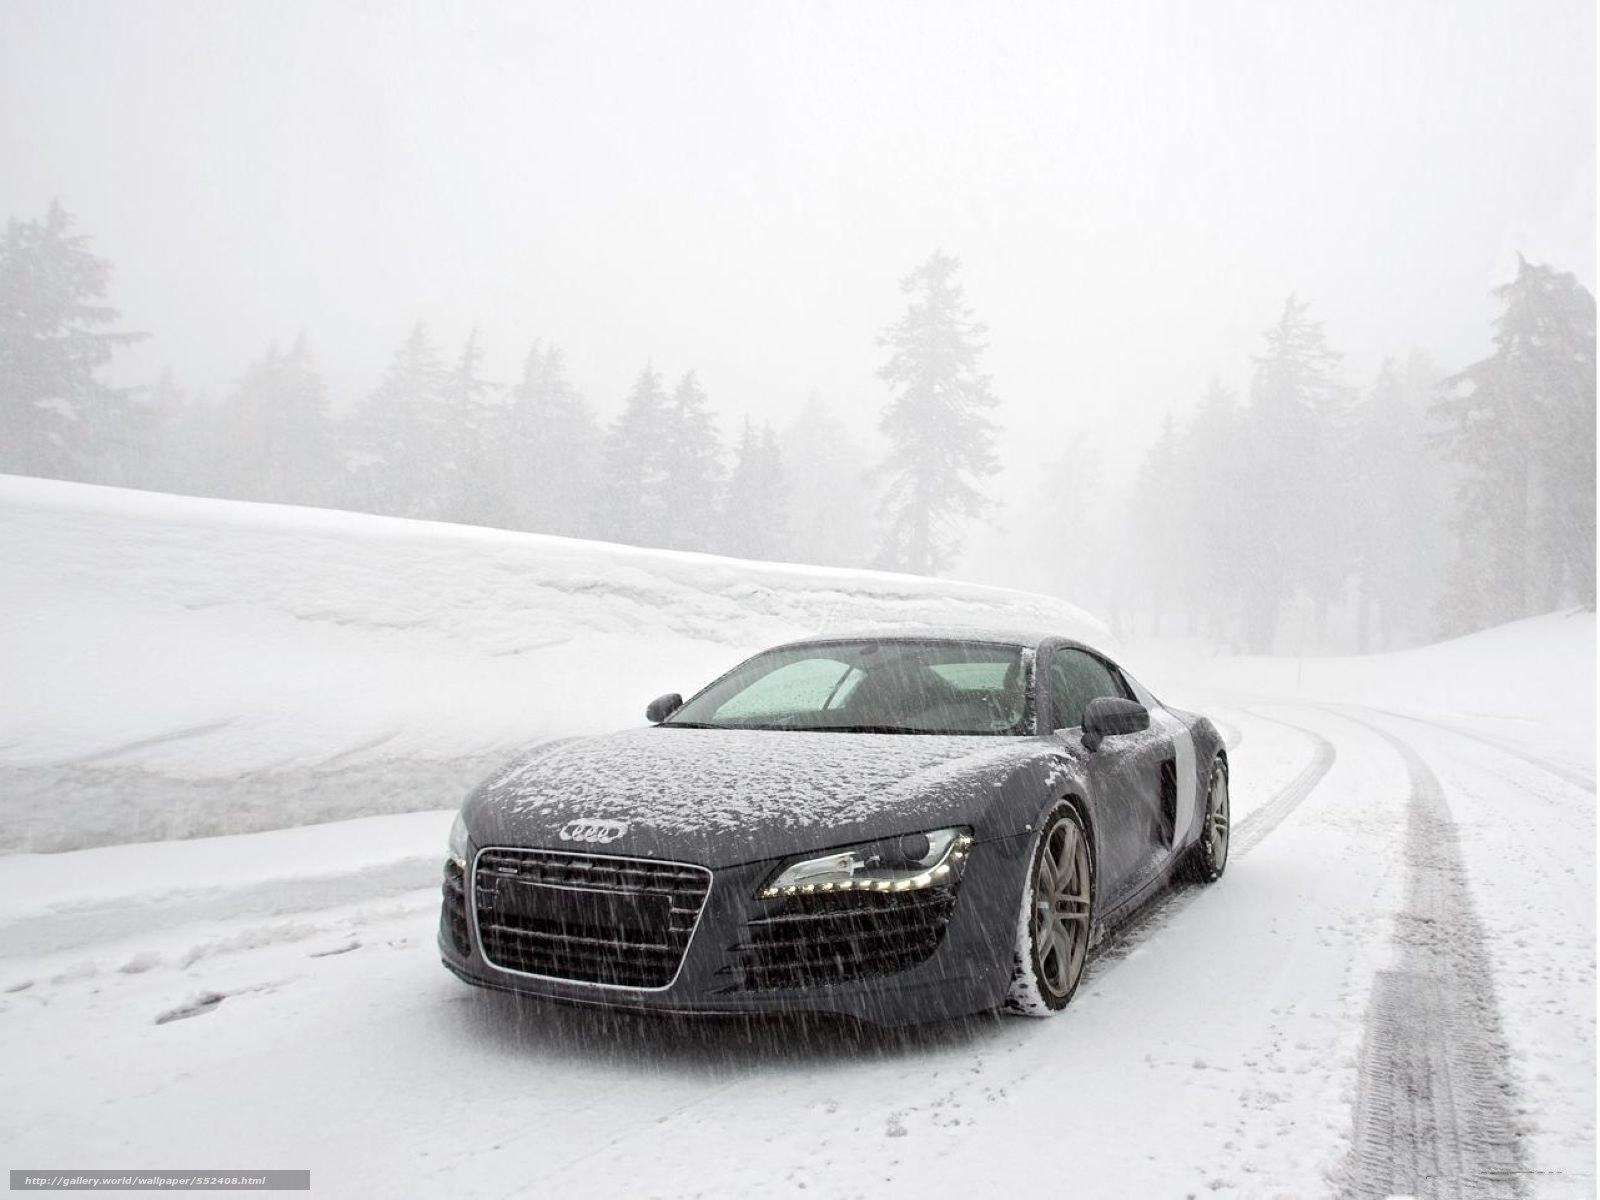 Download Wallpaper Audi R8 Audi Snow Road Free Desktop